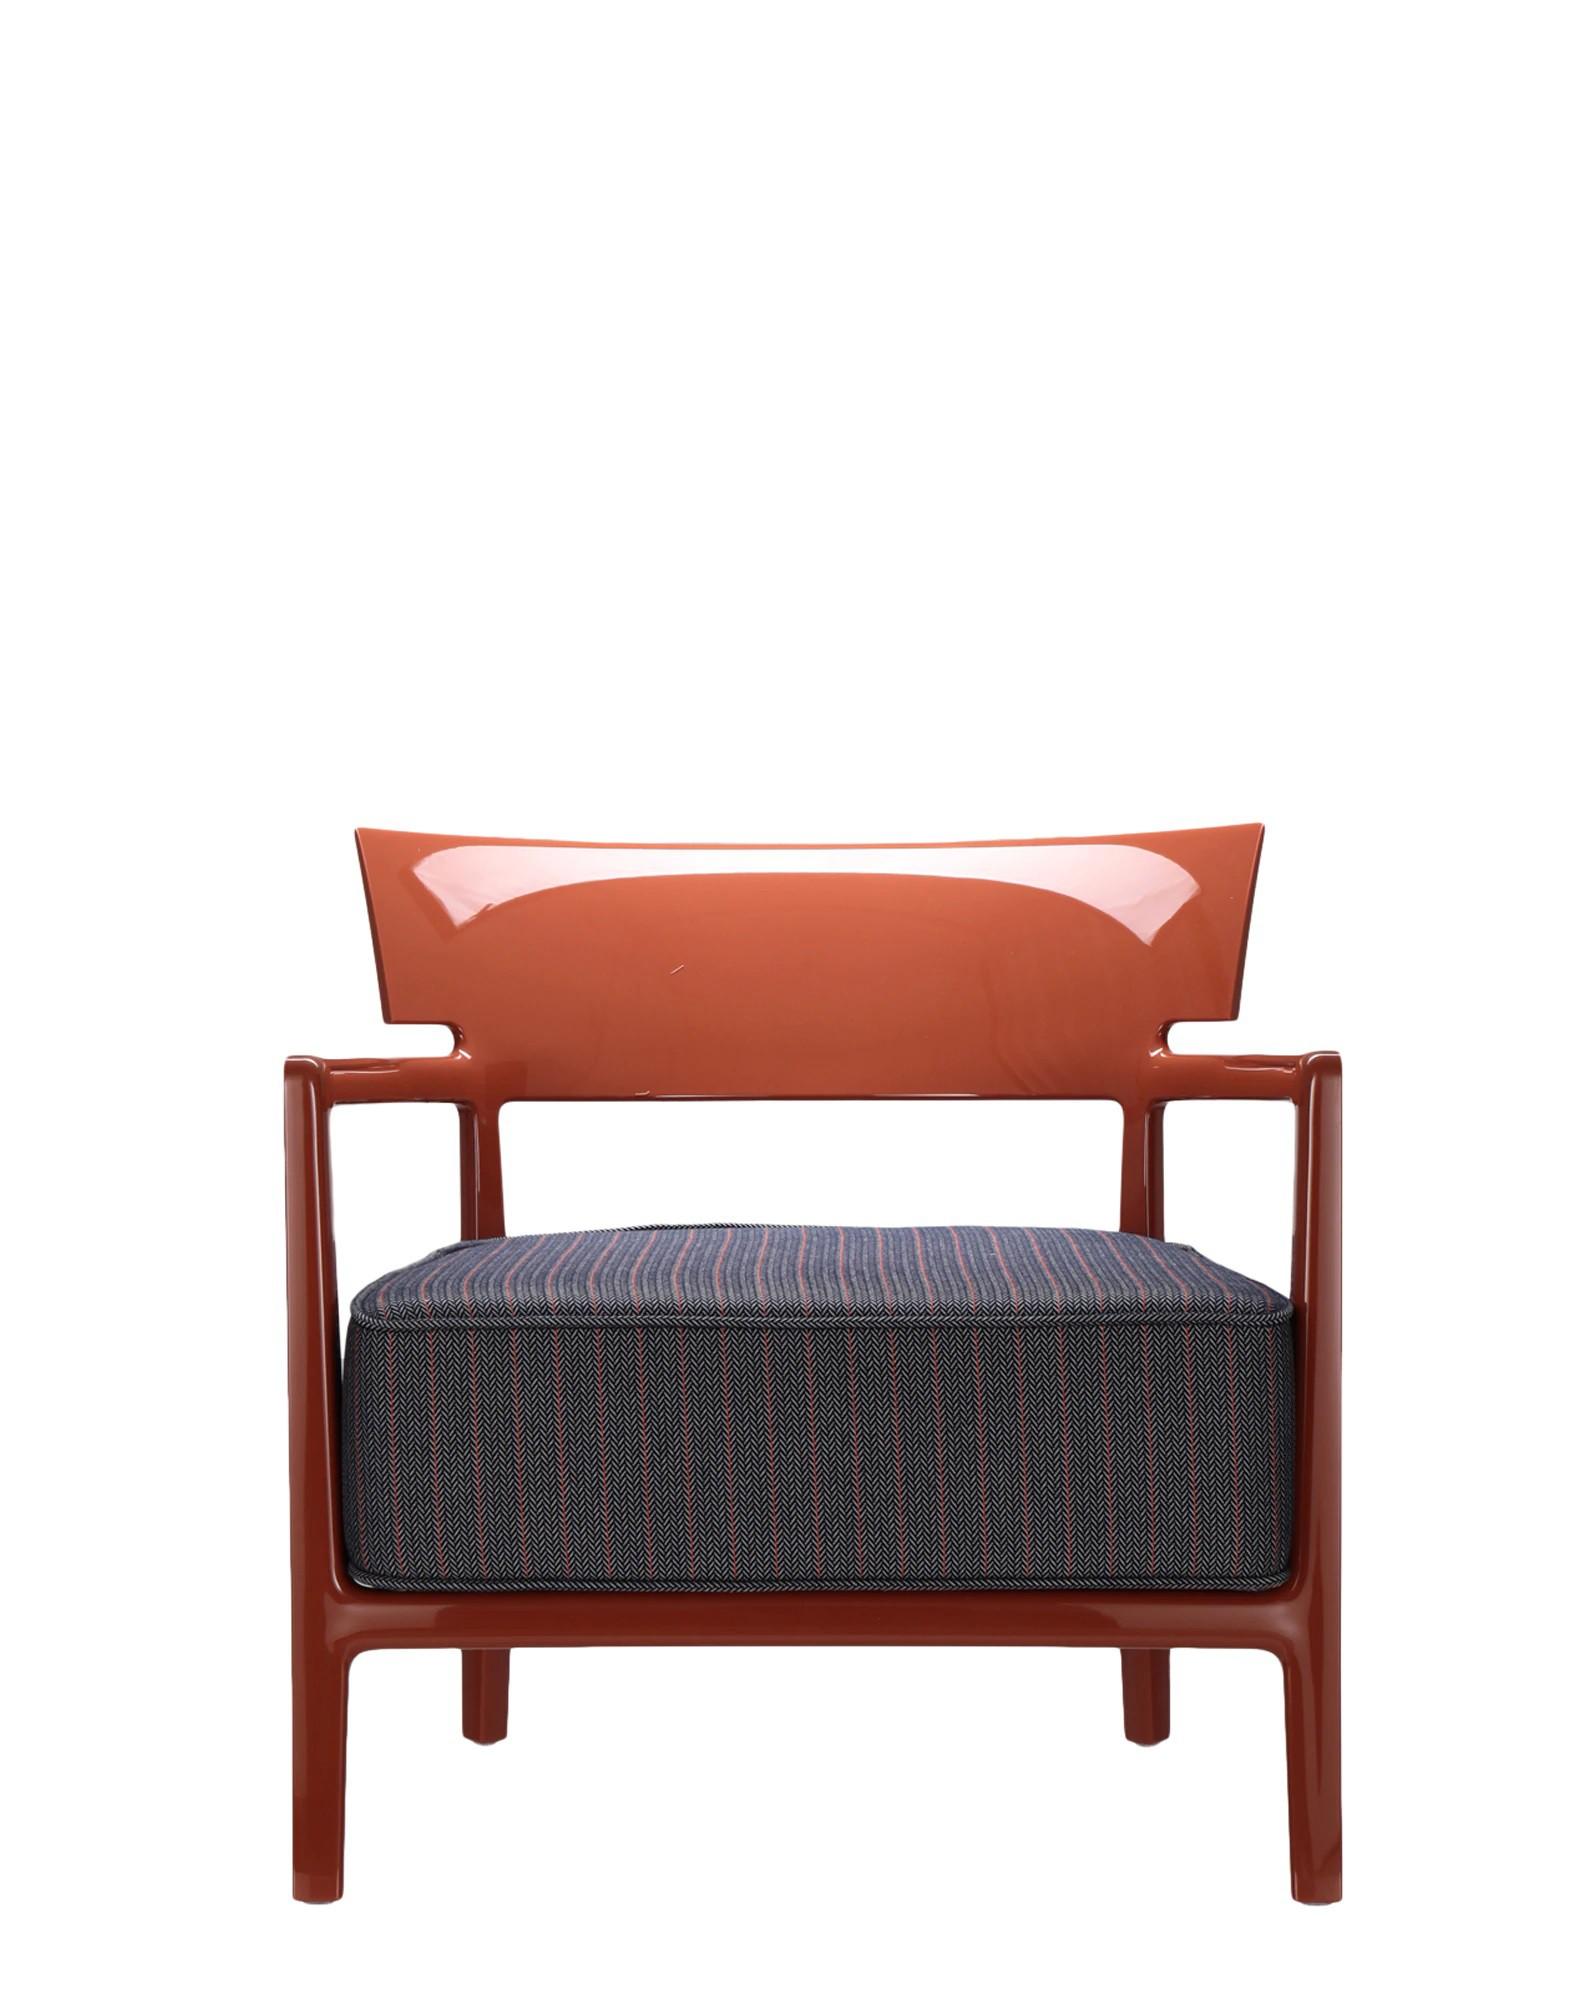 Fauteuil CARA Rouge Orangé / Bleu Orange - Kartell